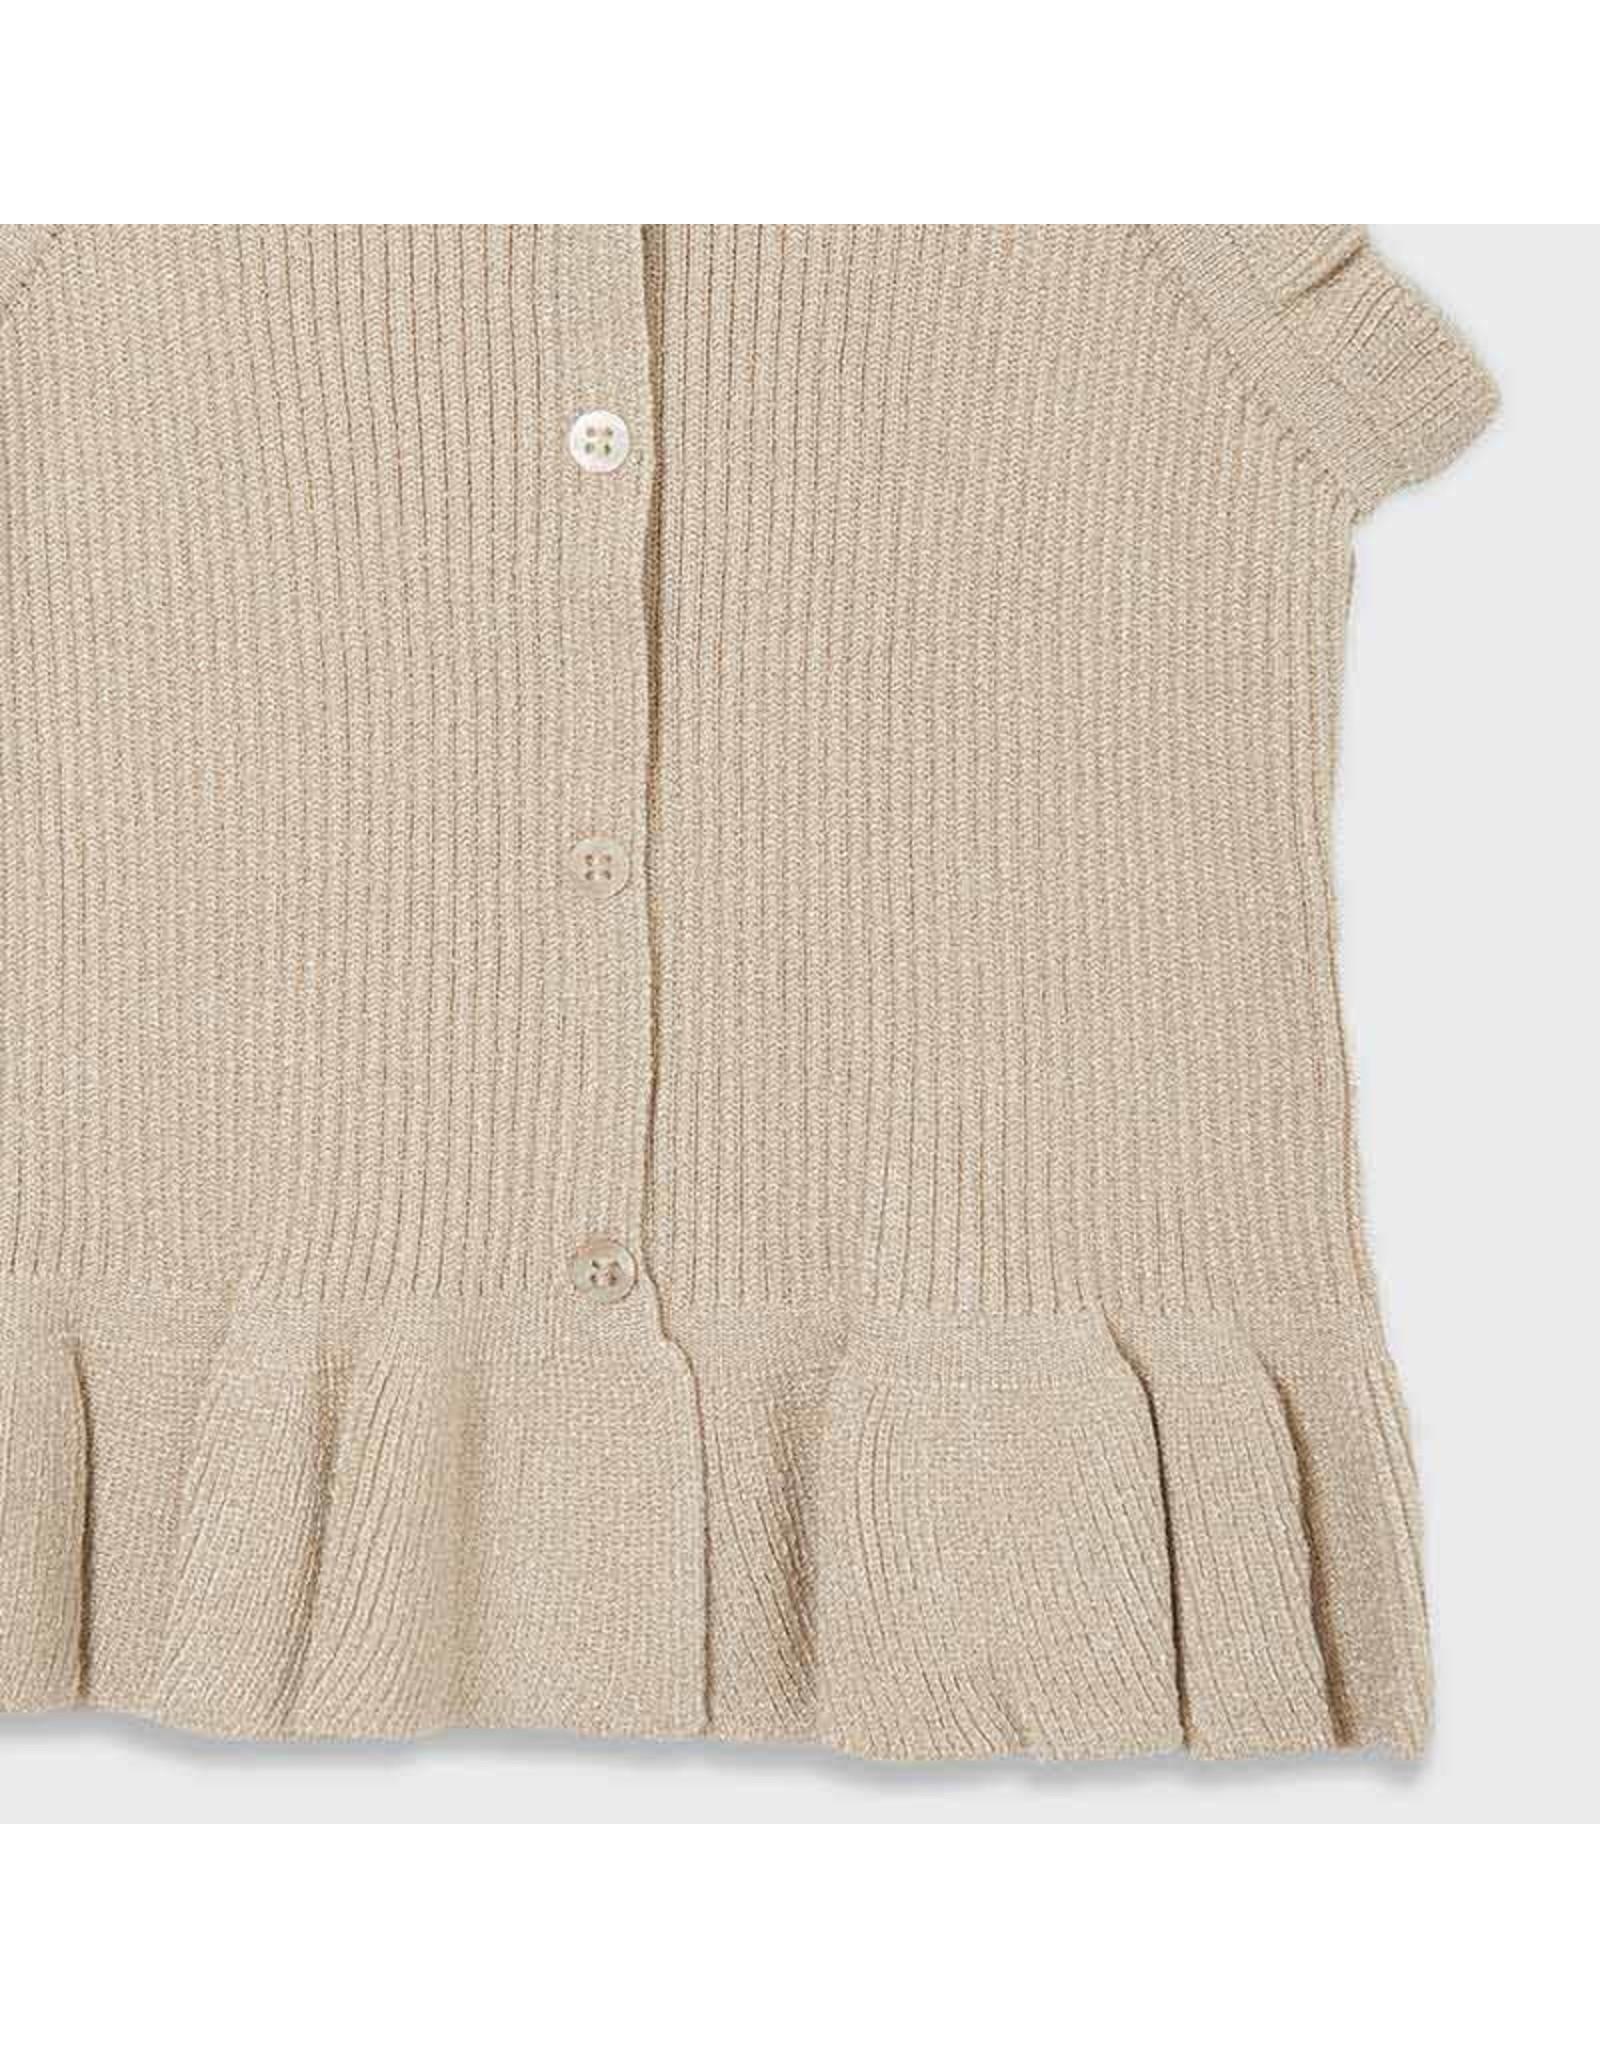 Mayoral rib knit top  gold lurex